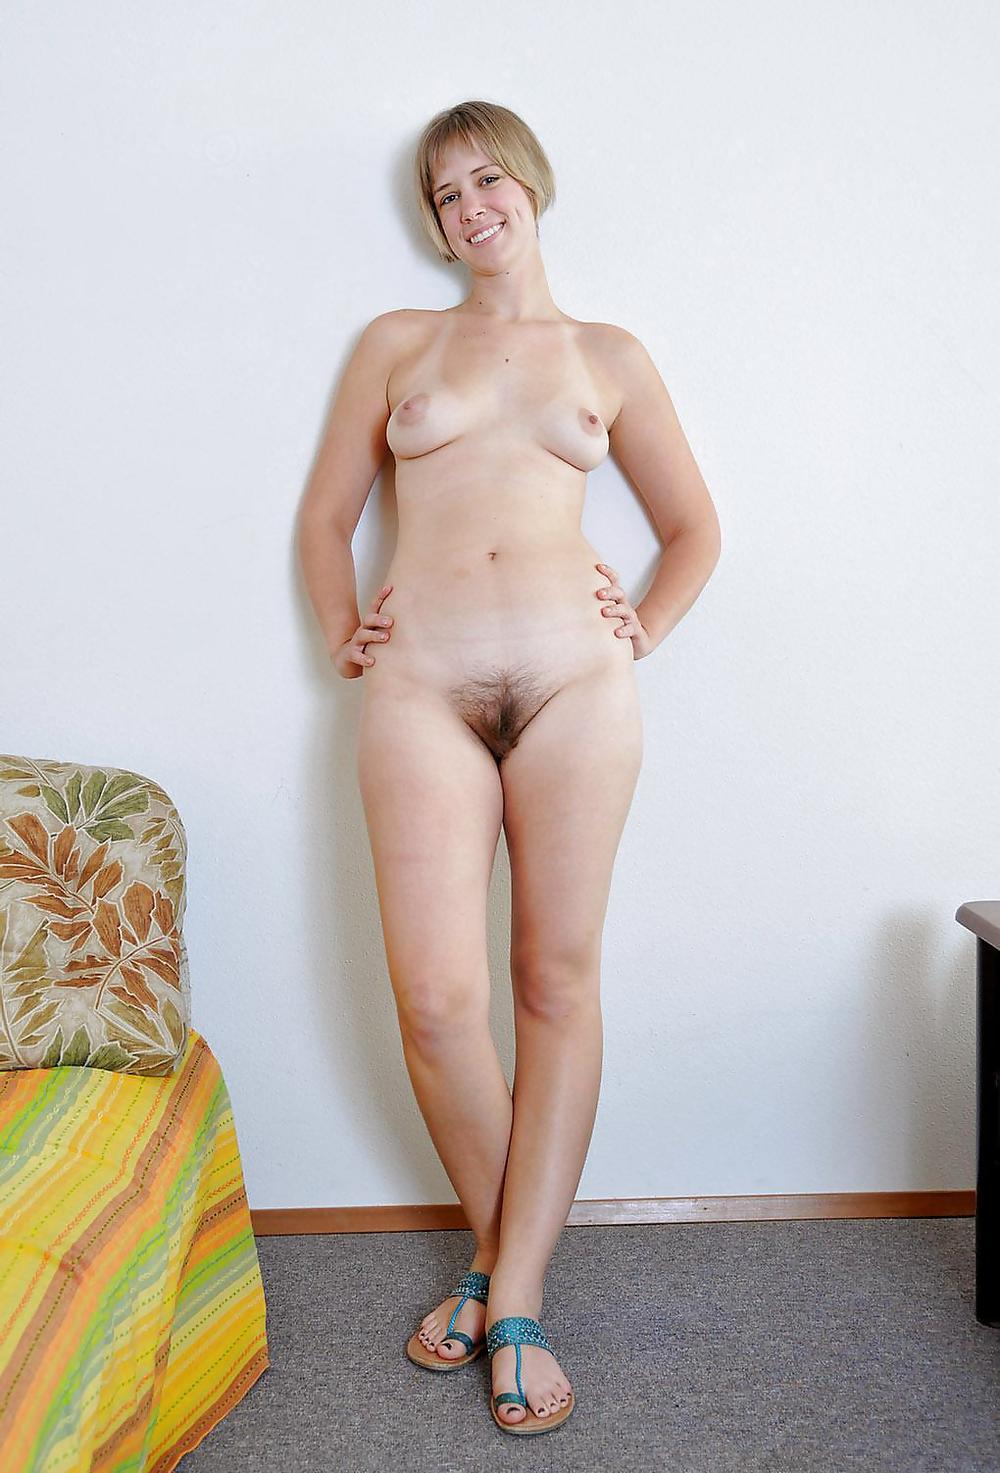 female-nude-average-tall-women-women